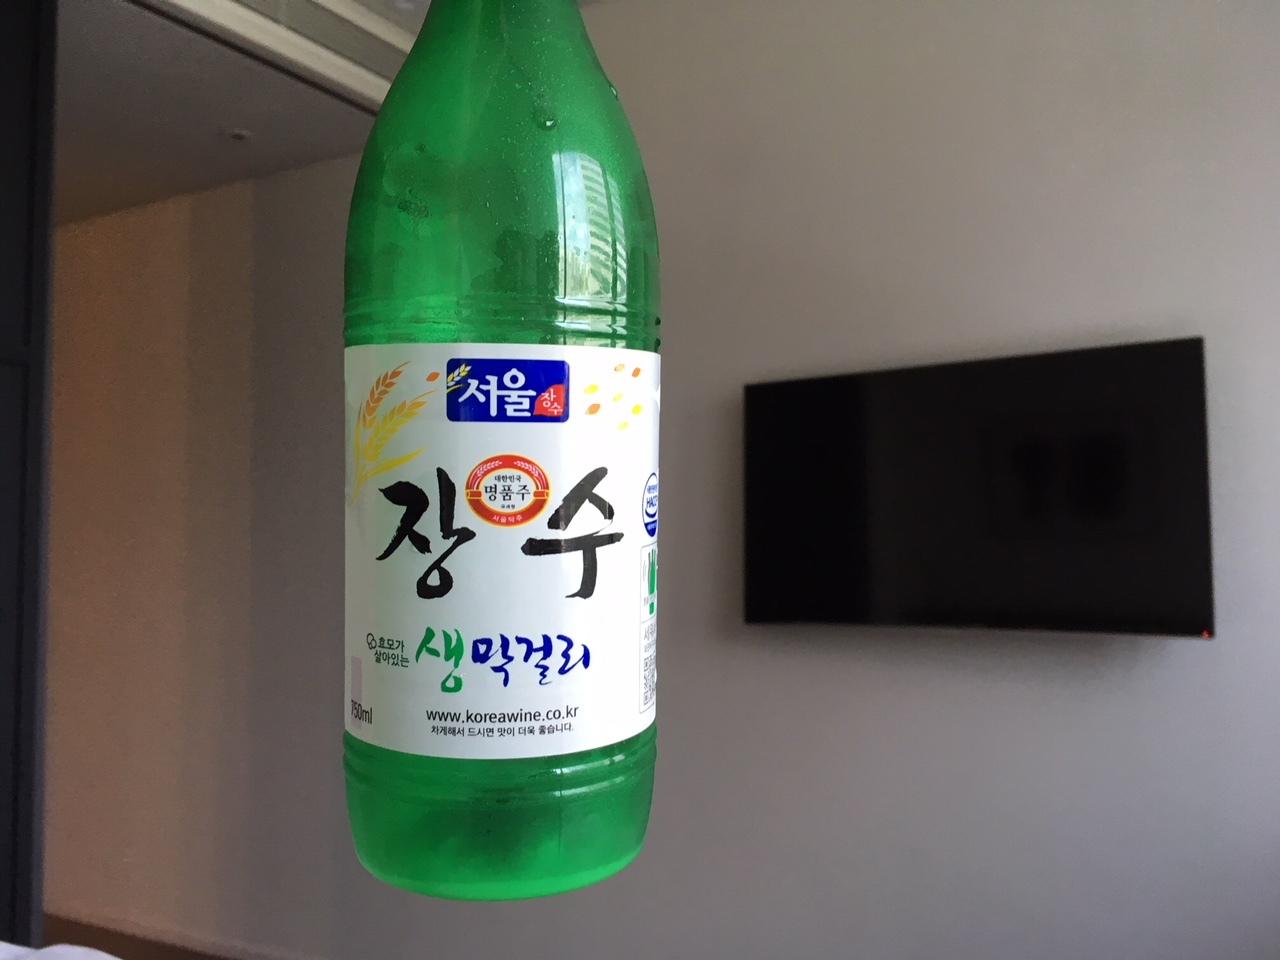 2018.6.14-16 滞在45時間の濃厚Seoul Trip_b0219778_22384781.jpeg